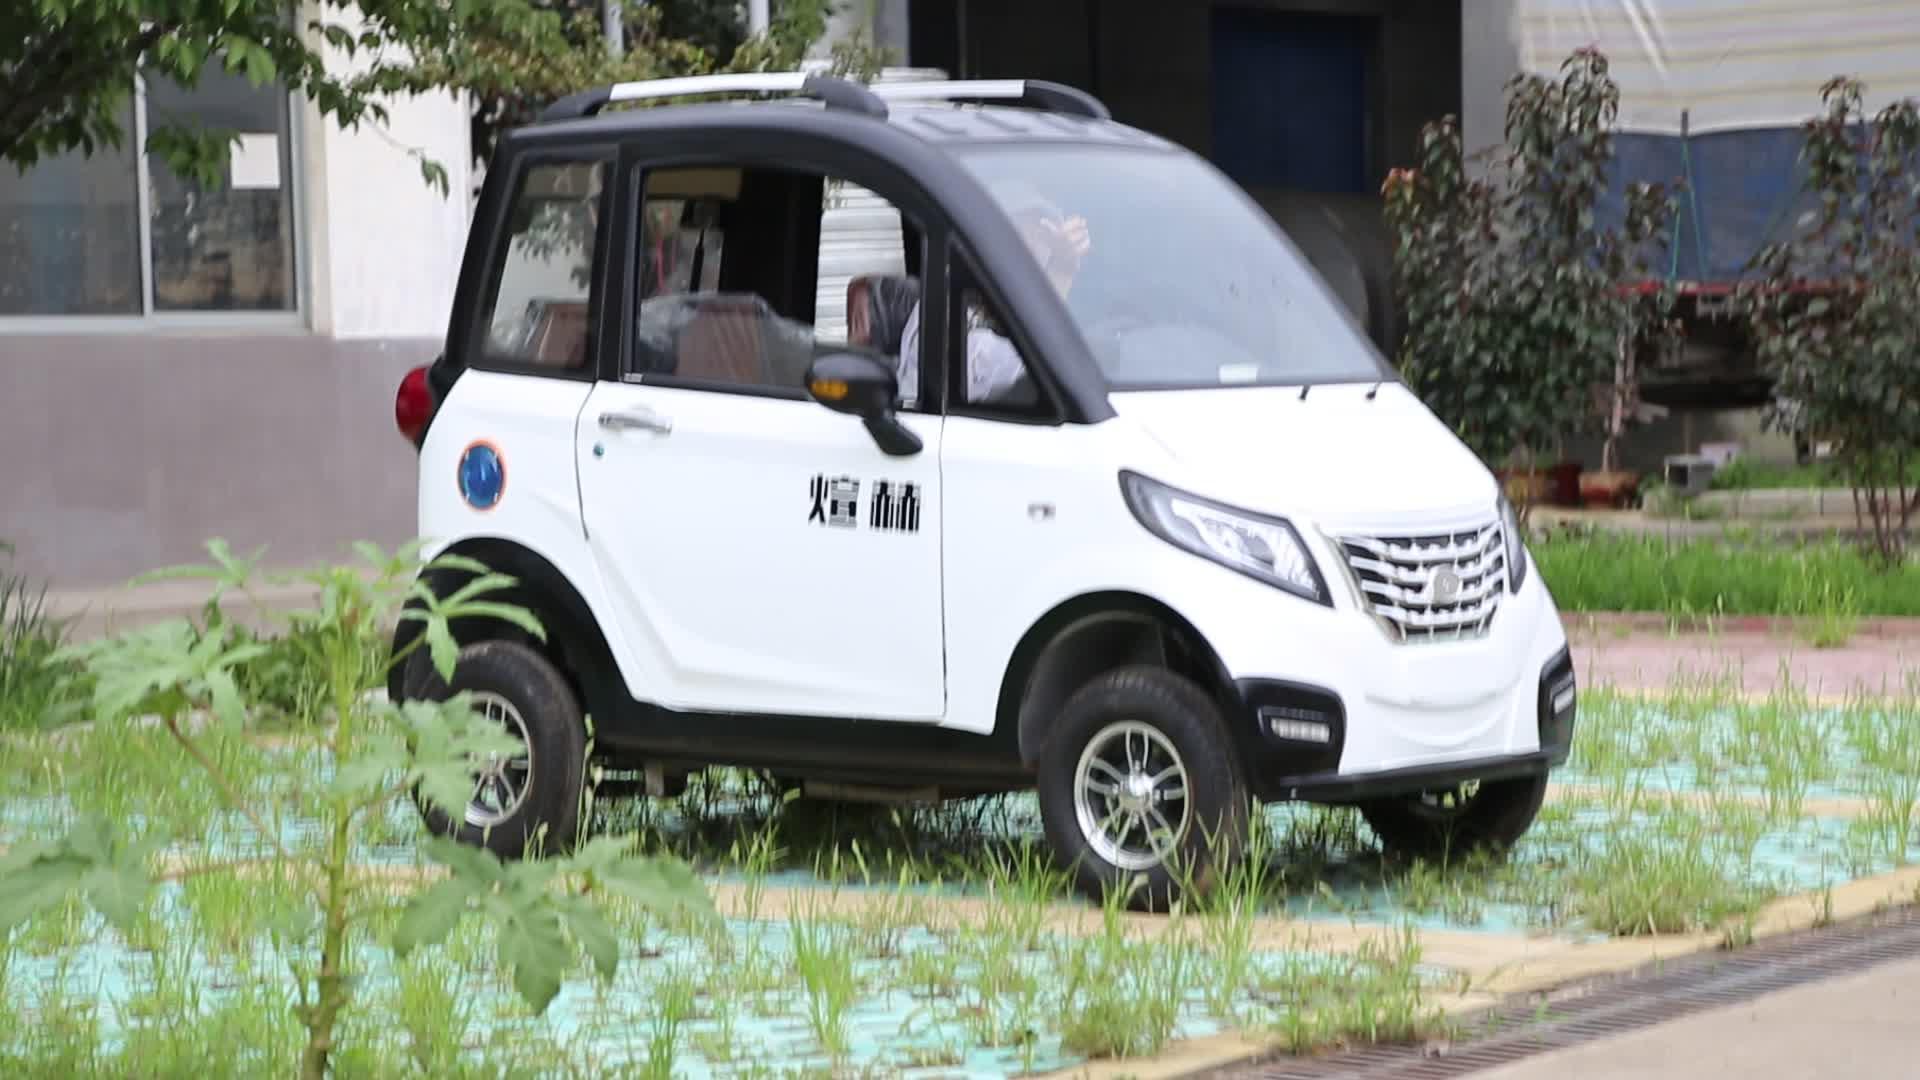 Chine Offre Spéciale pas cher prix Mini voiture électrique véhicule électrique pour adulte